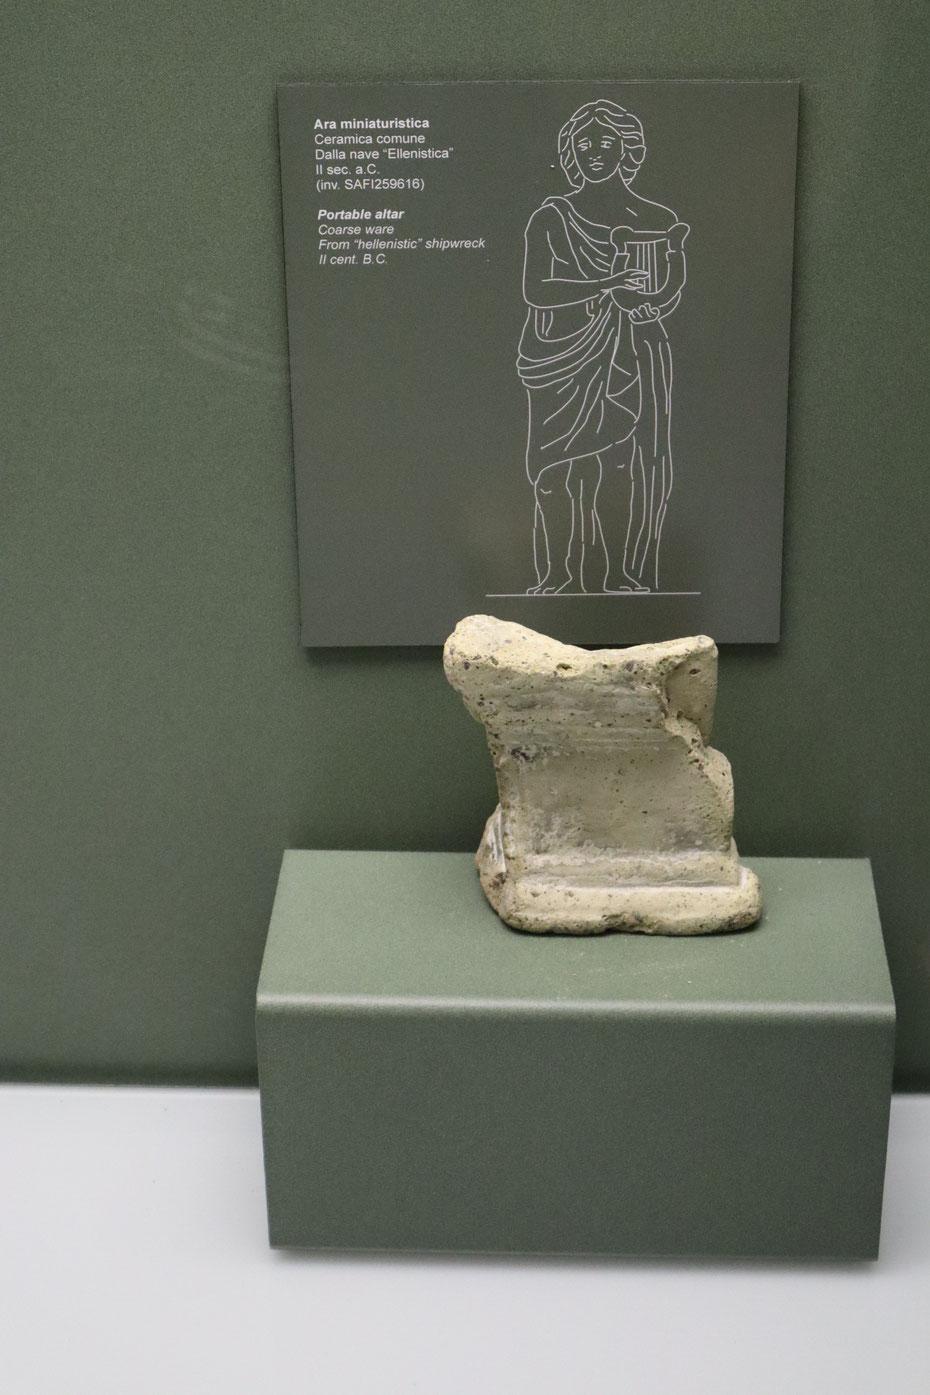 Ara miniaturistica, II sec. a.C. - Museo delle Navi Antiche di Pisa